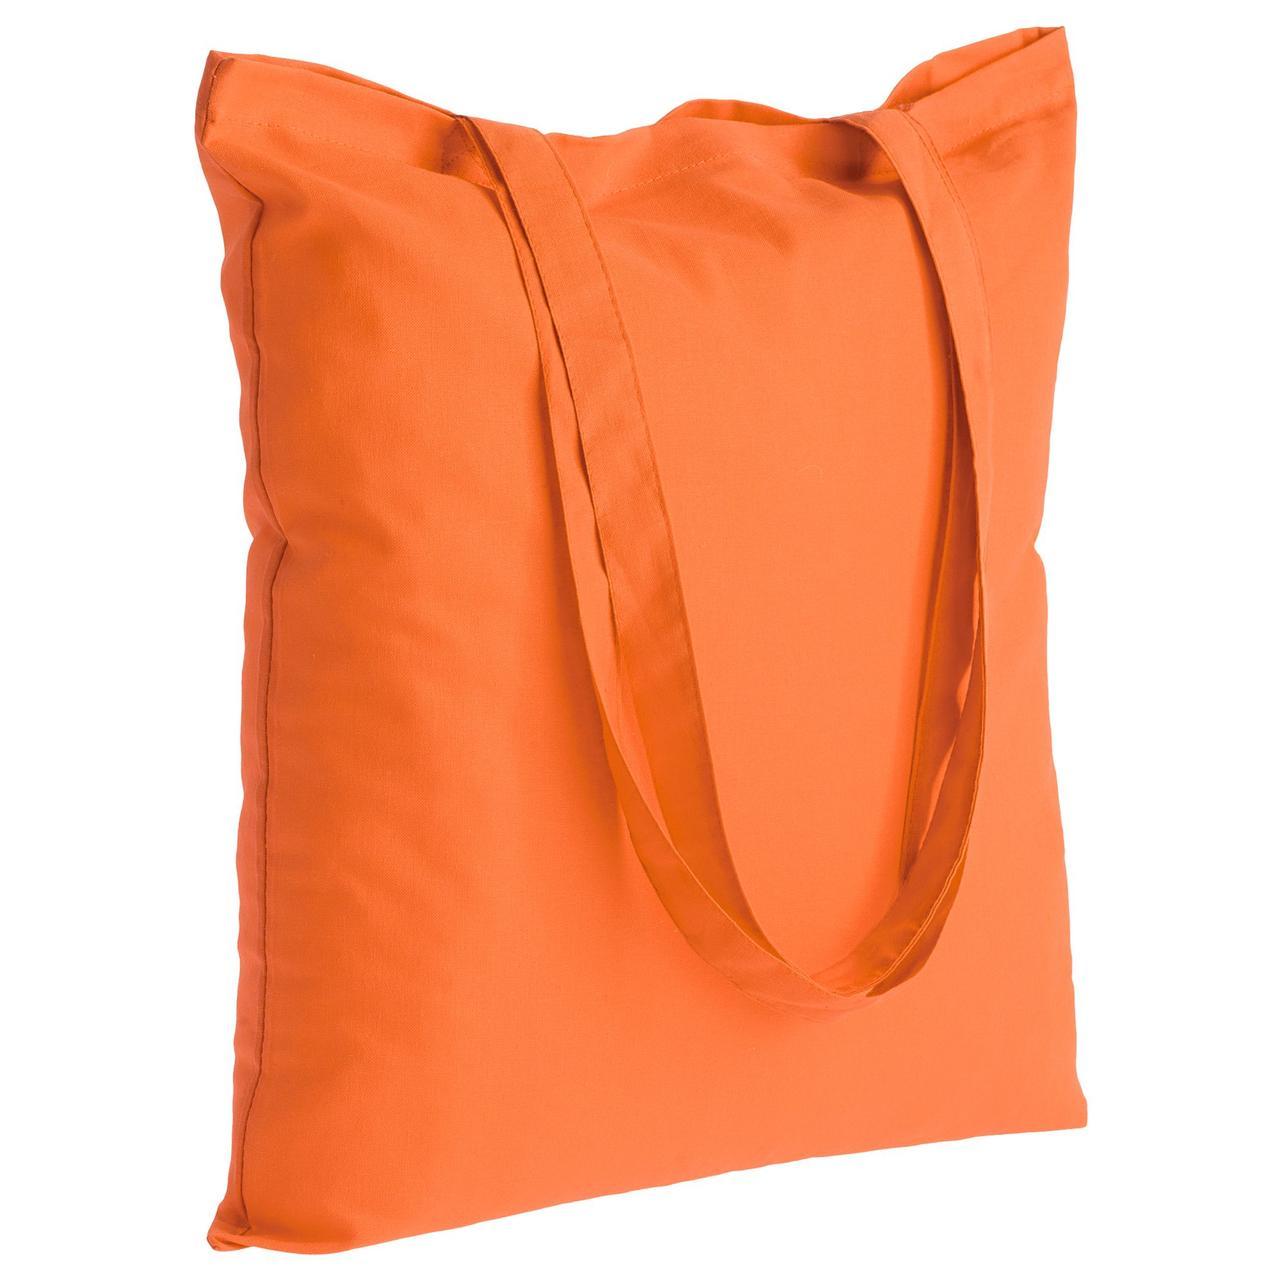 Холщовая сумка Optima 135, оранжевая (артикул 5452.20)